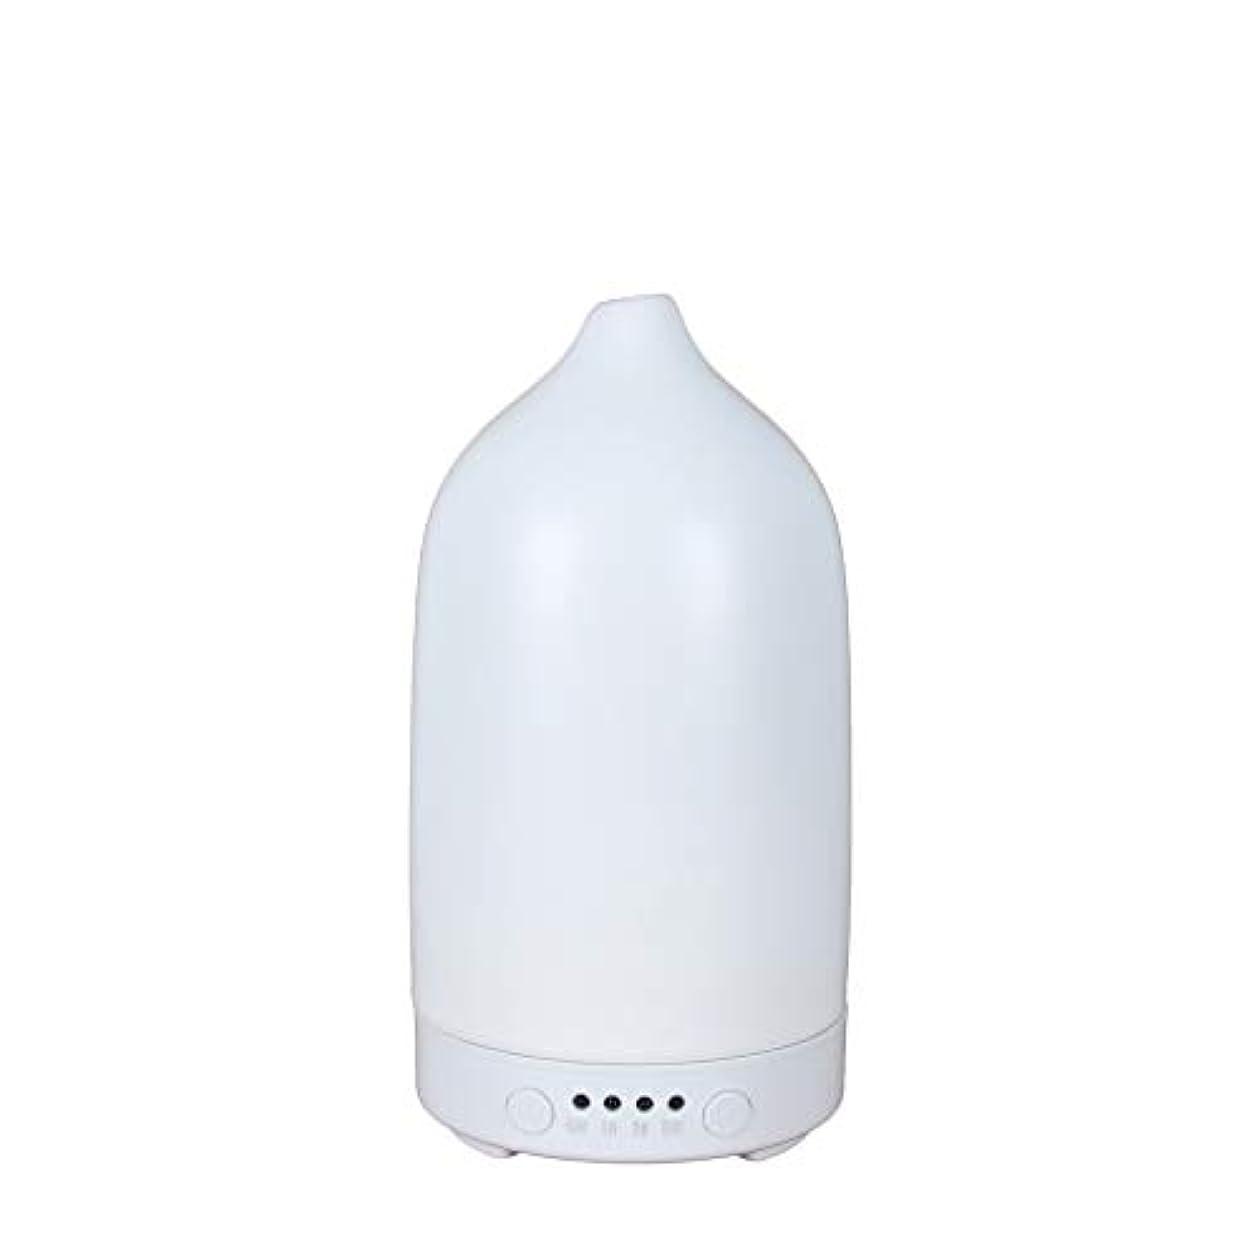 相対サイズちょうつがい無力加湿器卓上USB型加湿器殺菌加湿エアーフレッシュナー落下水漏れ防止超音波式加湿器超音波式卓上型大容量超静音長時間連続運転乾燥対策調整可能なミストブロー消音 (A)